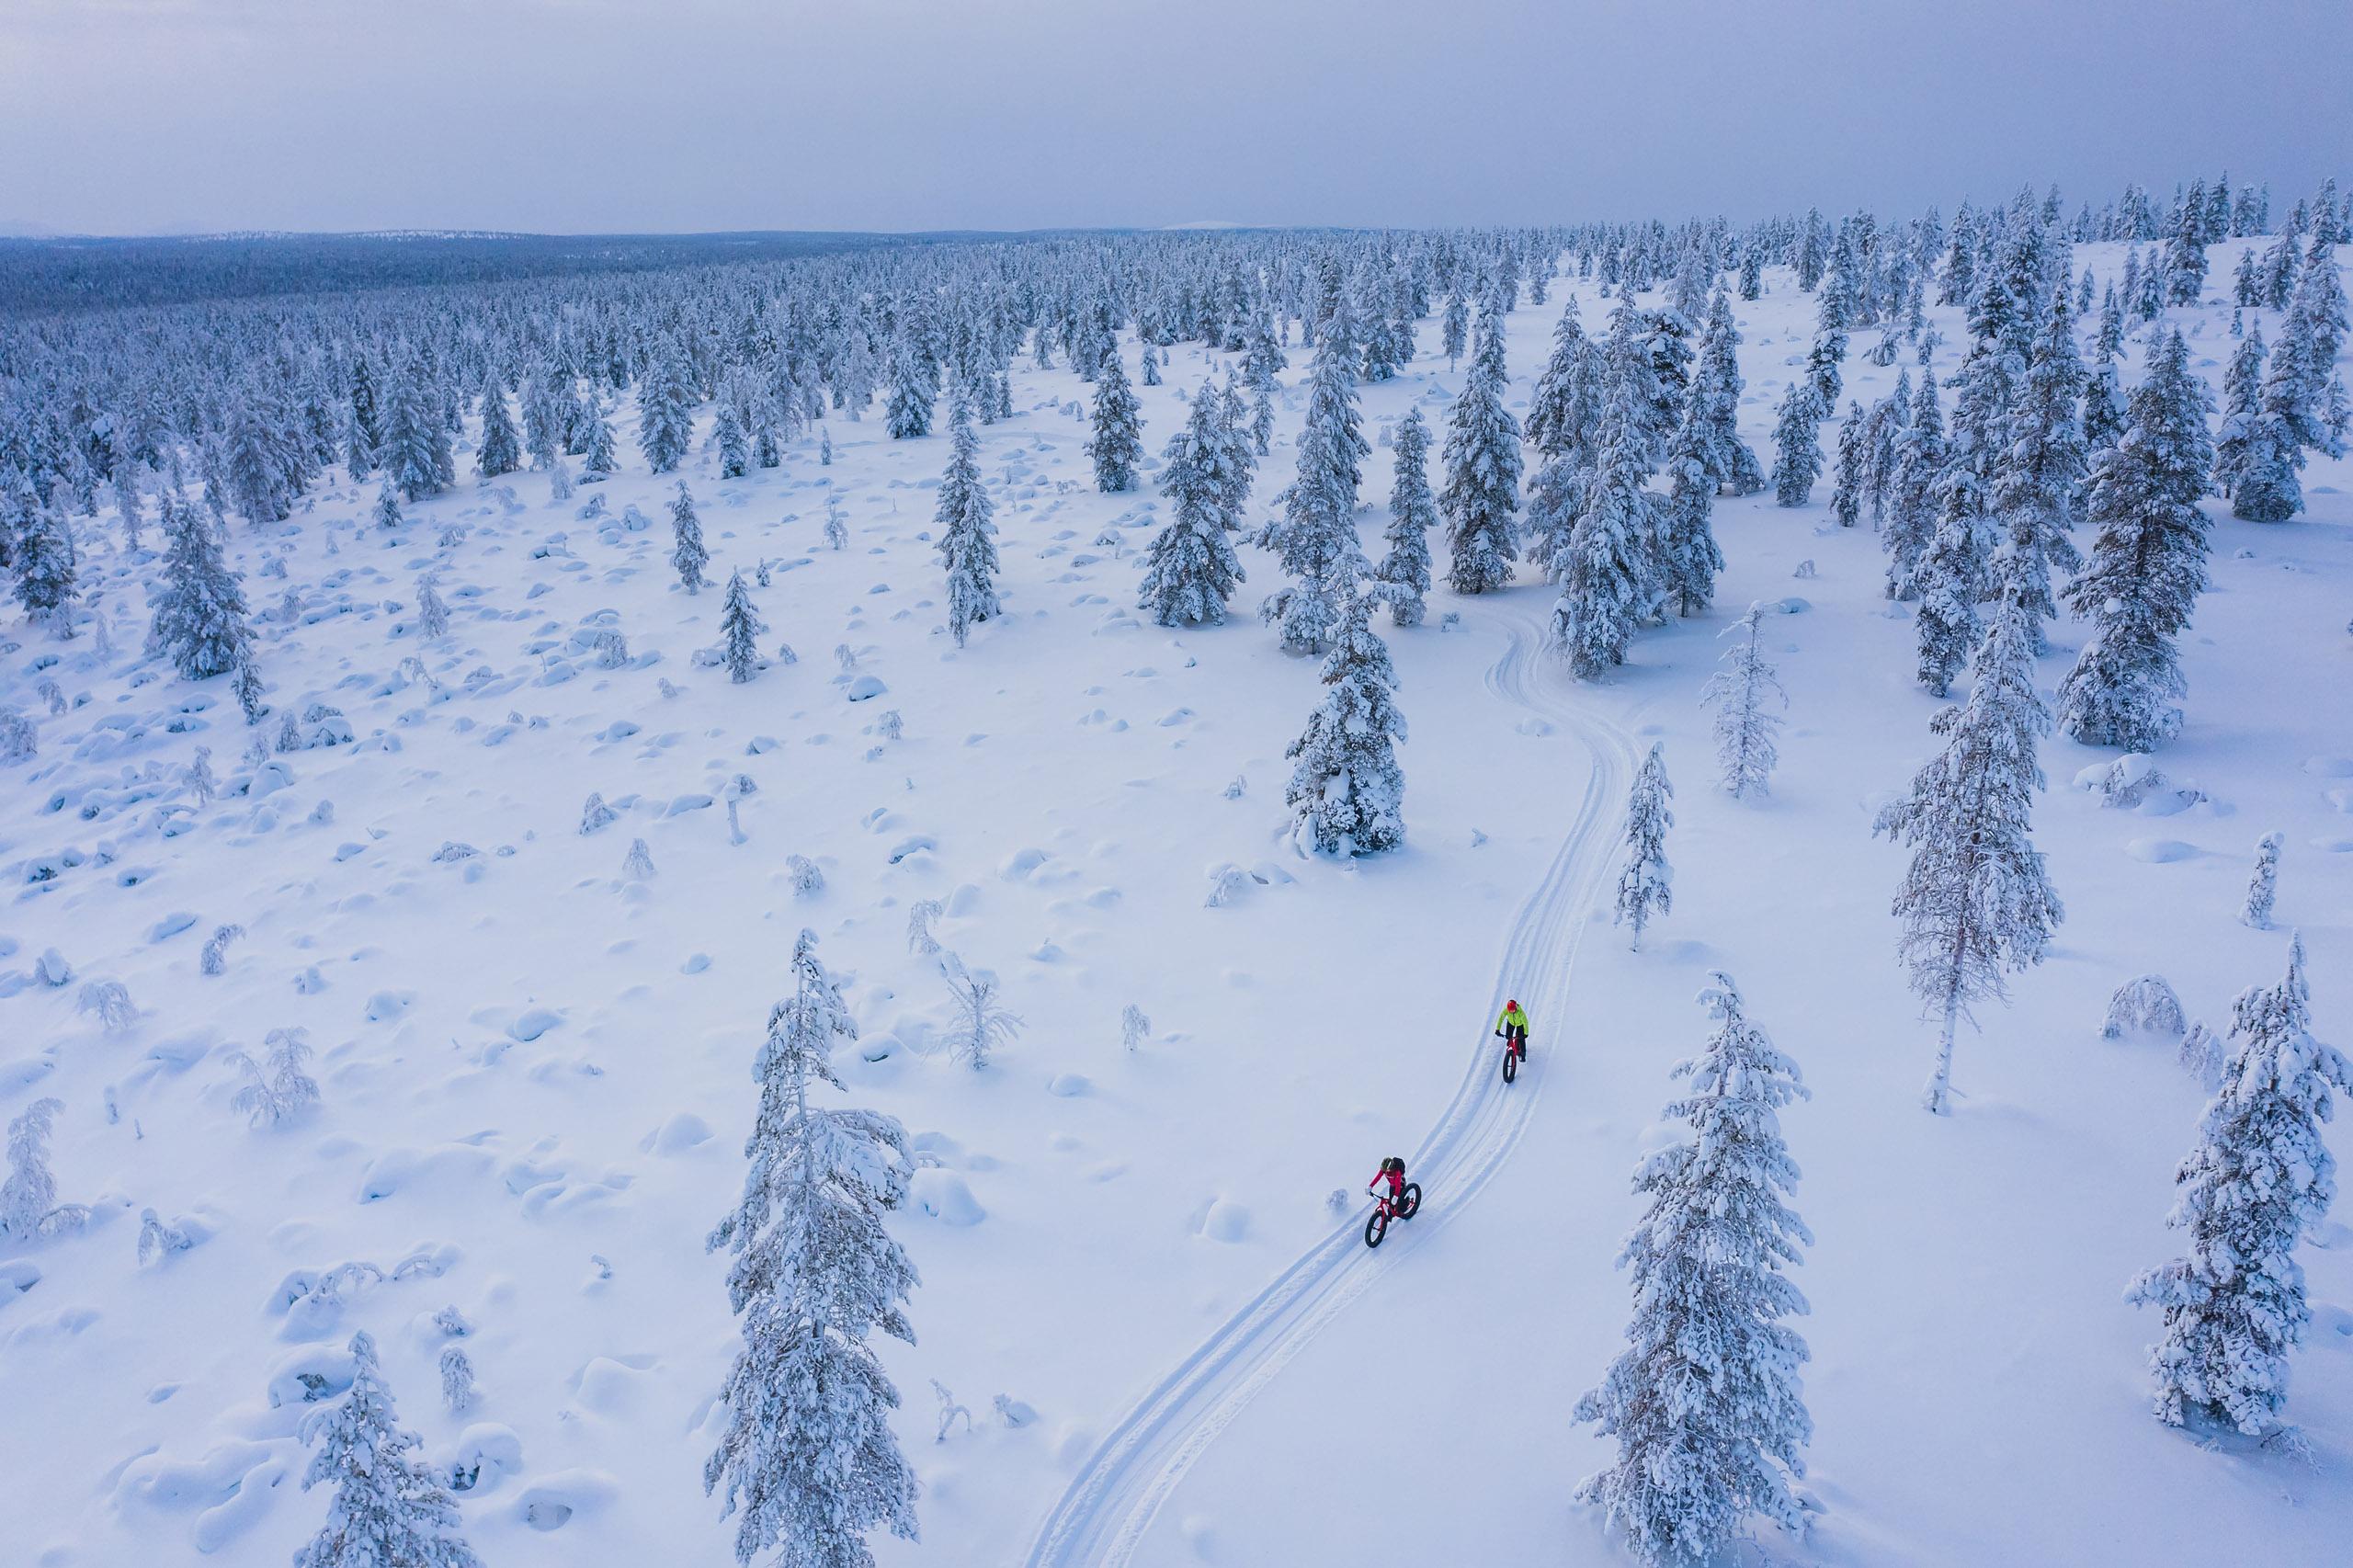 Talvipyöräilijöitä lumisessa maisemassa